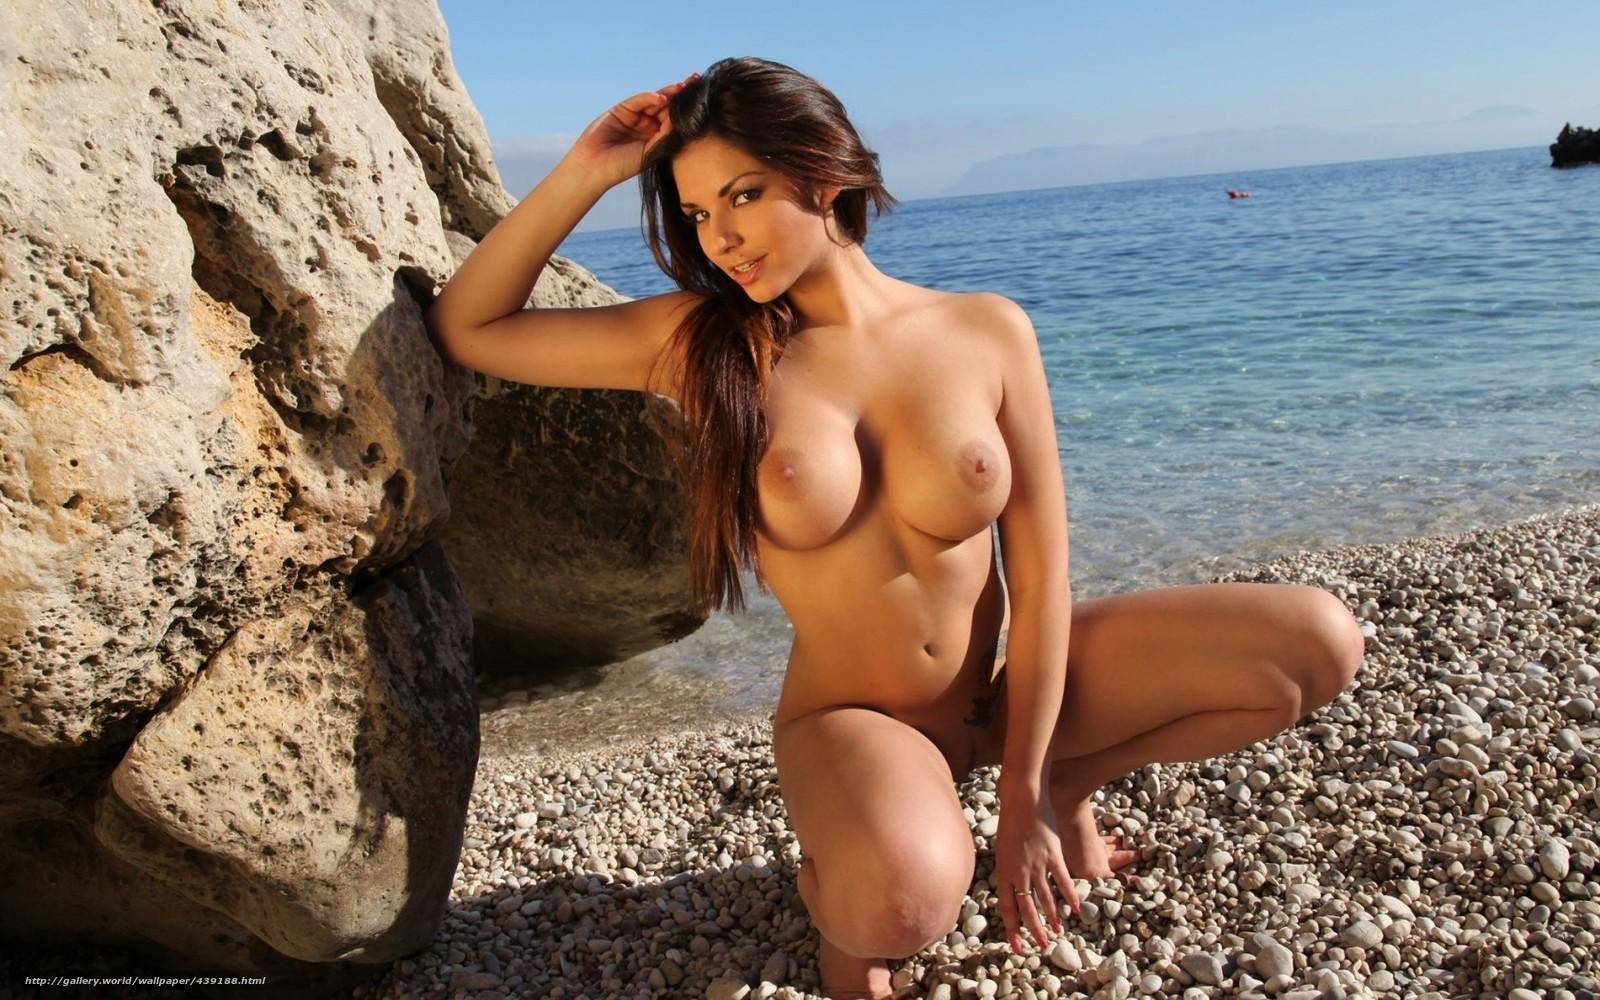 Самый красивый девушка голый фото 15 фотография